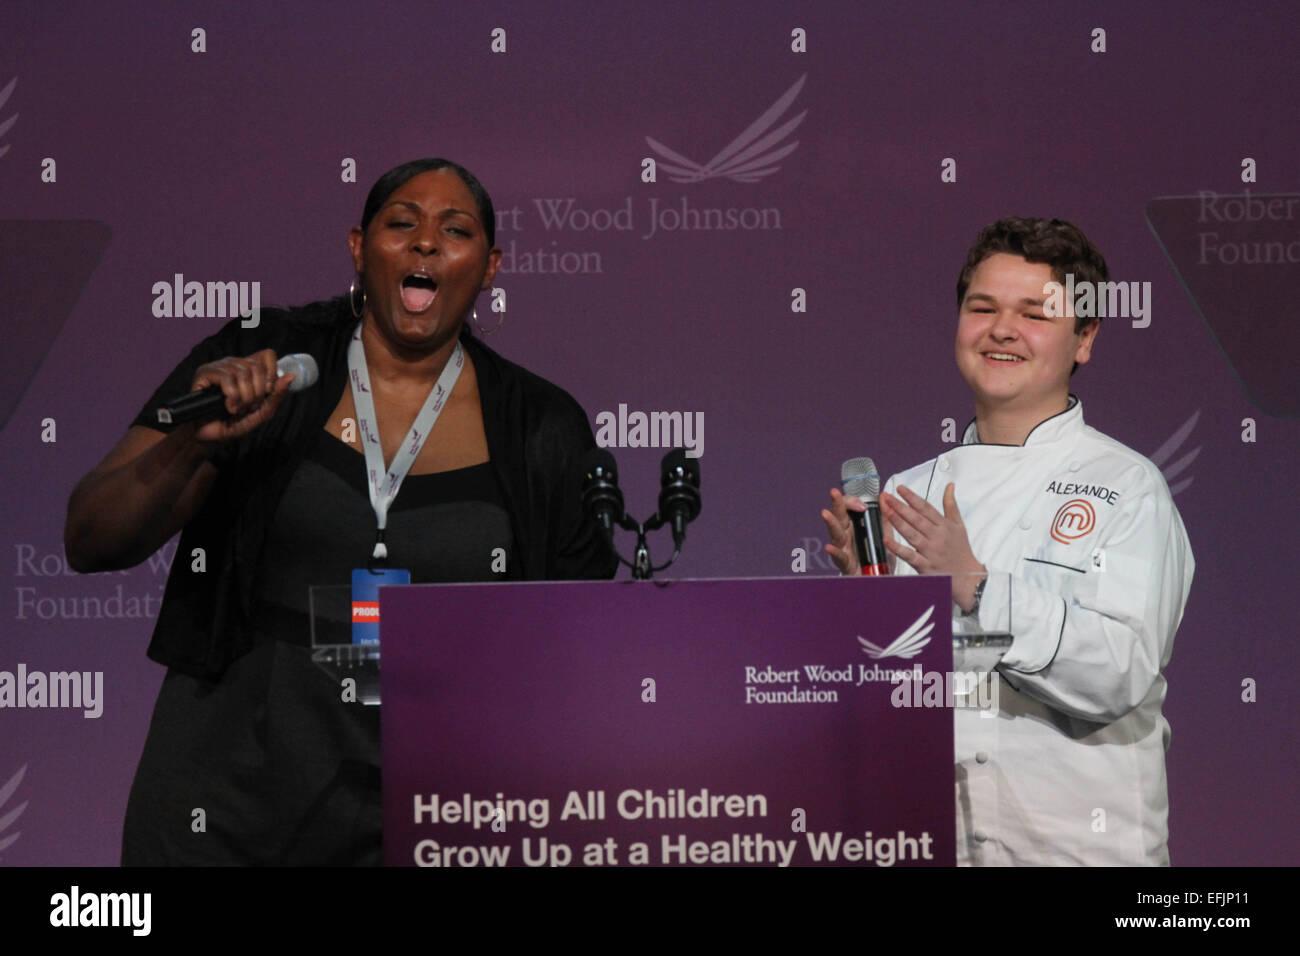 première rencontres juniors exemples de profils de rencontres féminins en ligne